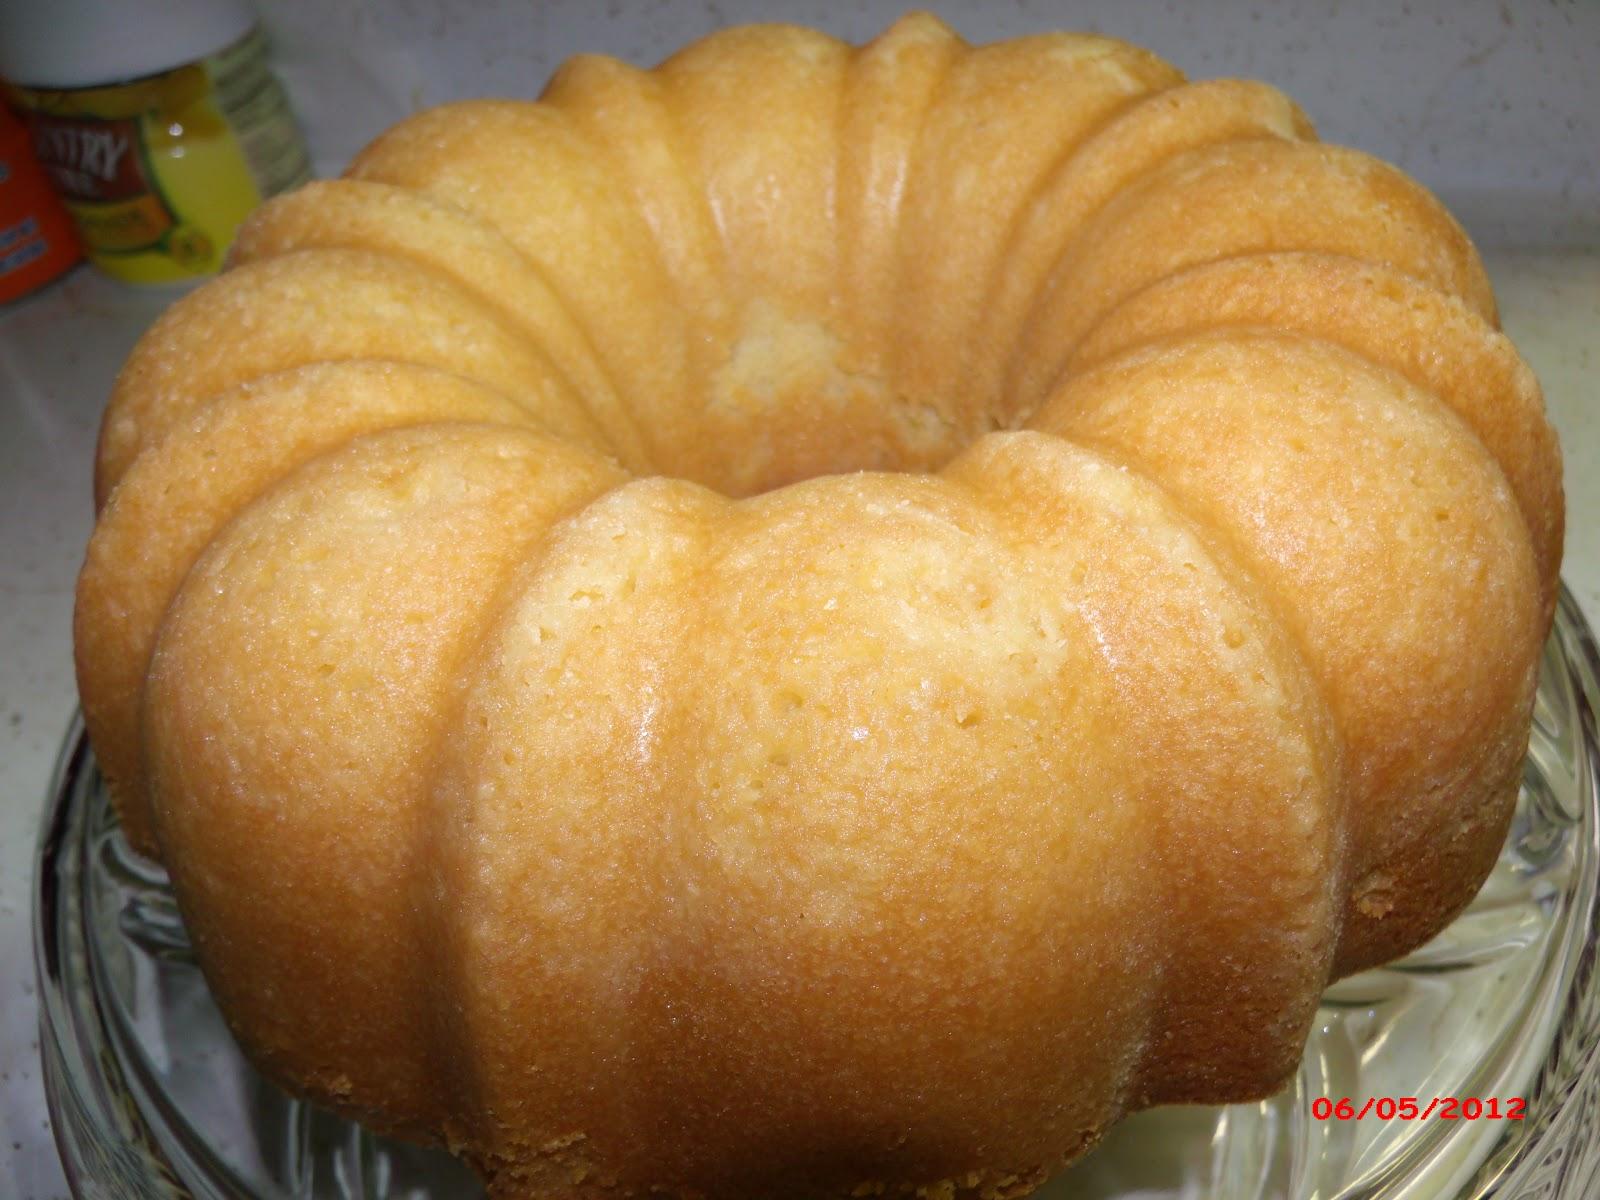 Real Pound Cake